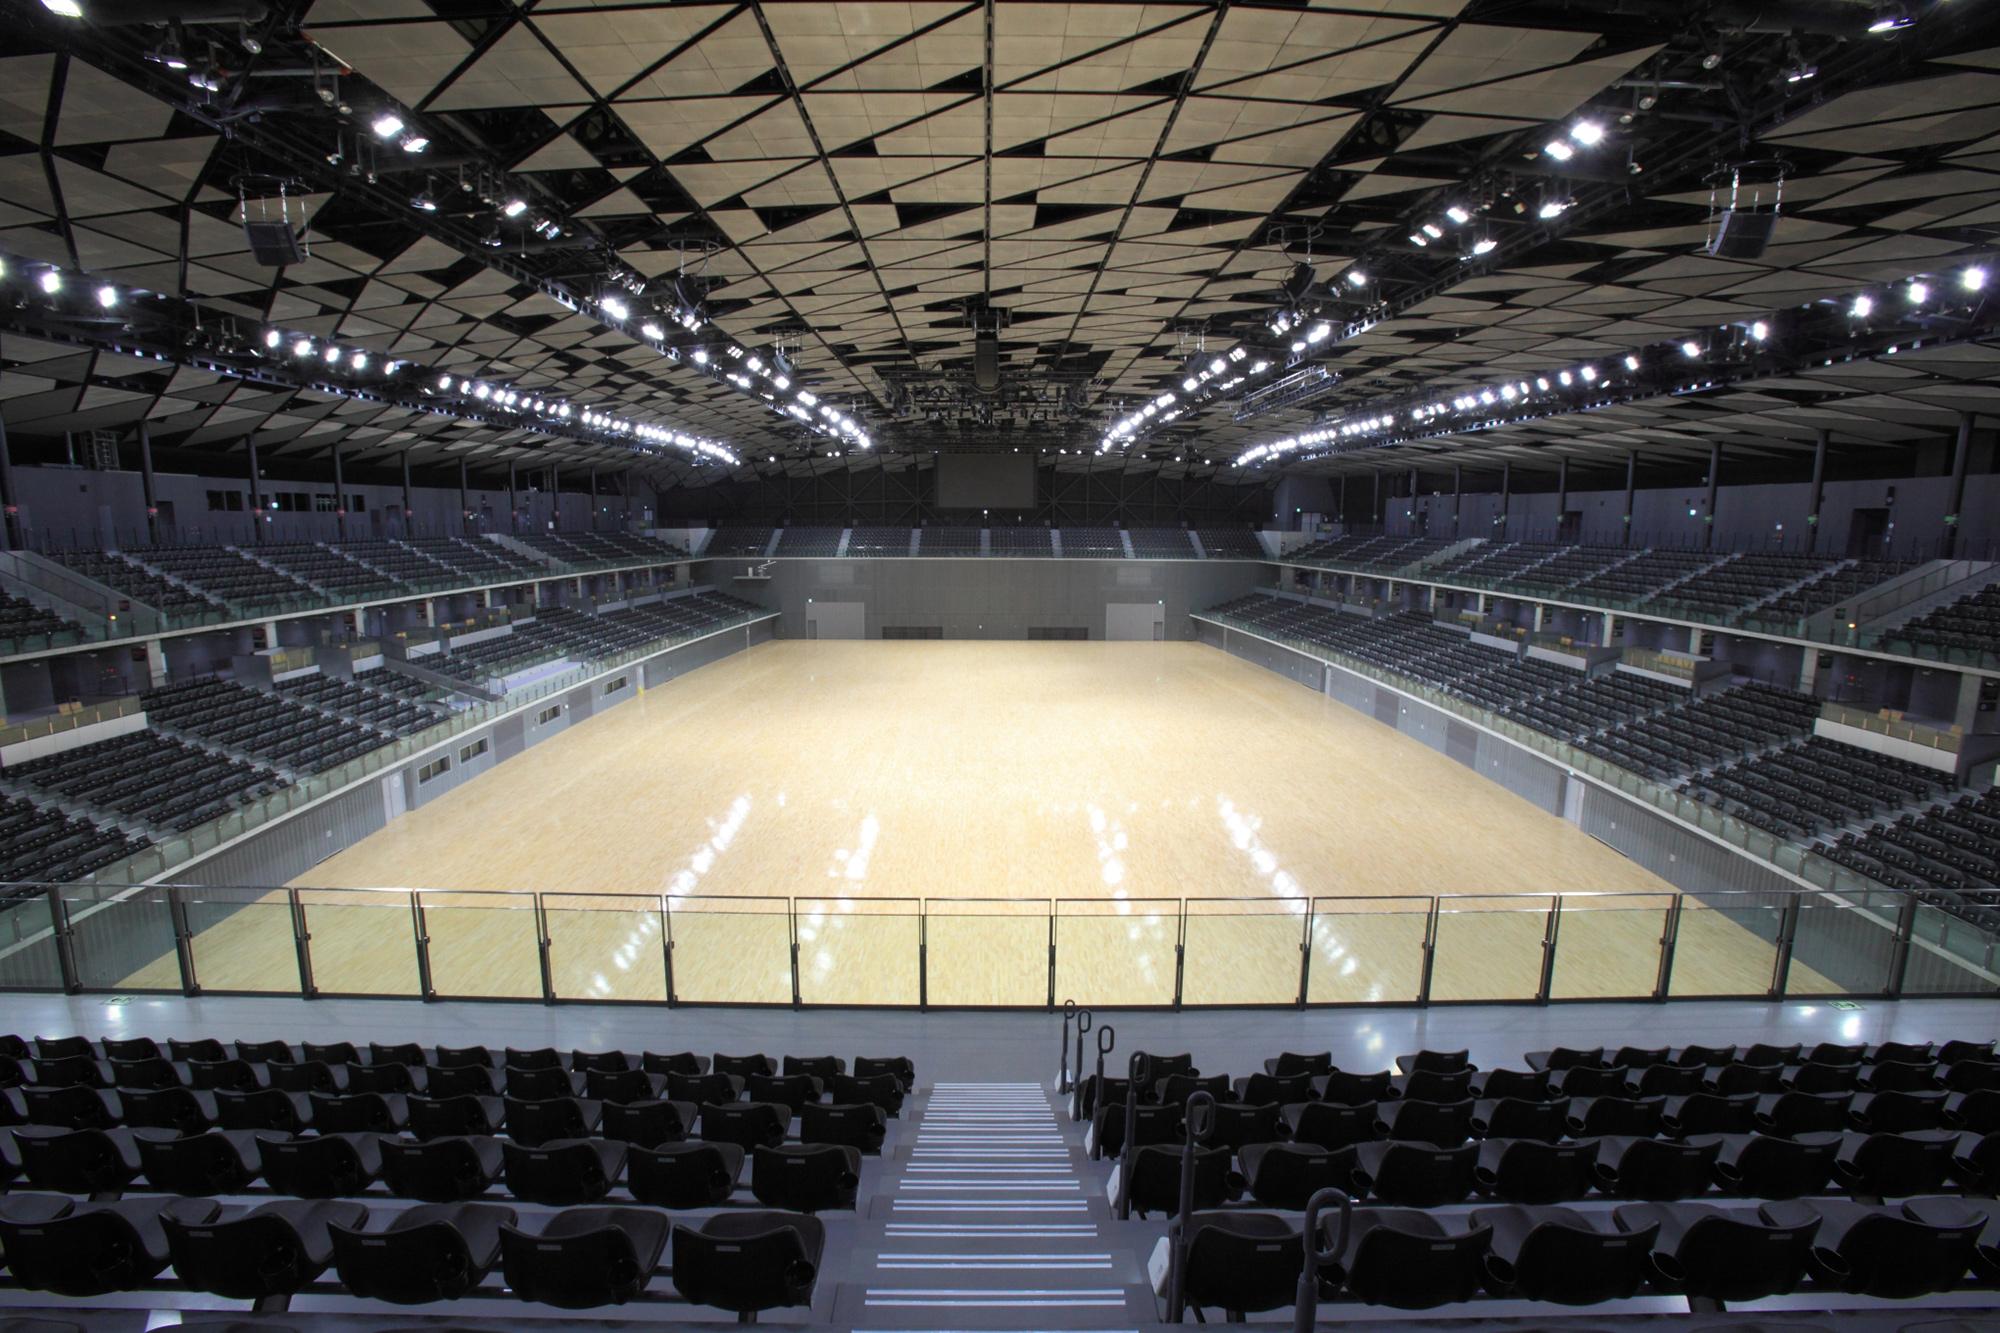 武蔵野の森総合スポーツプラザ(第4週東京大会会場)